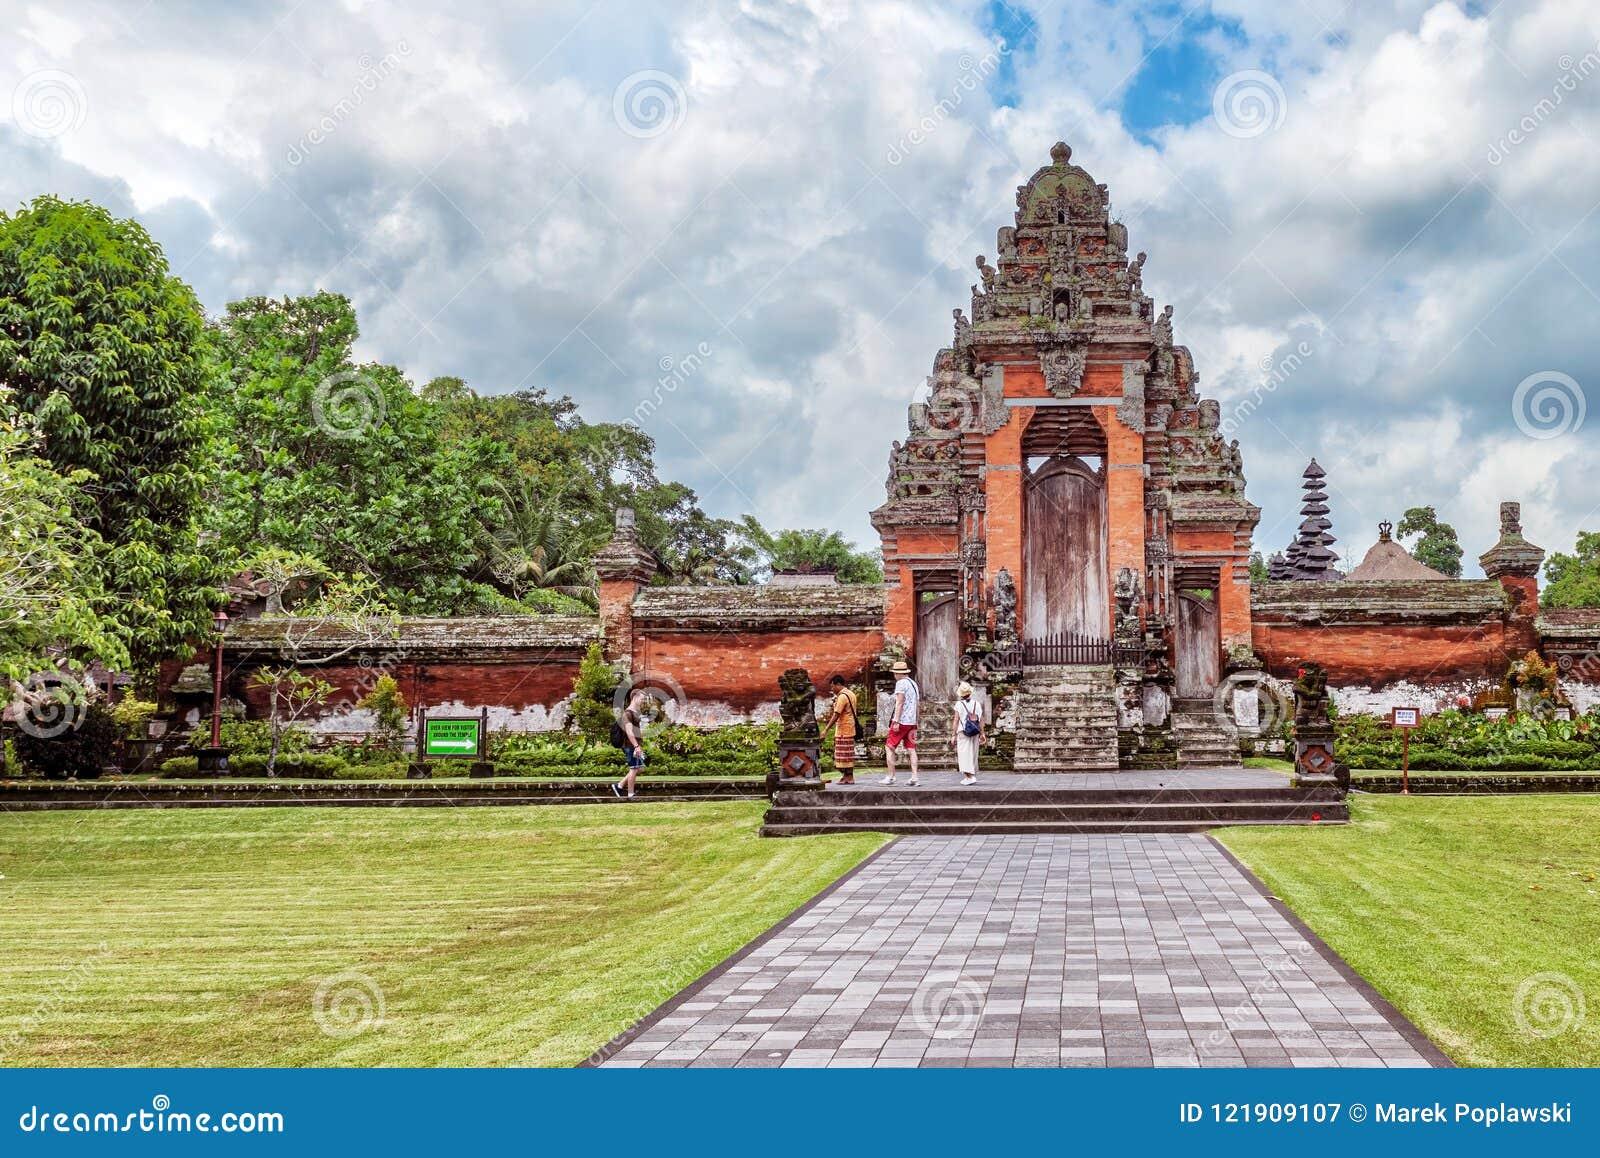 Ναός Taman Ayun Pura στο Μπαλί, Ινδονησία